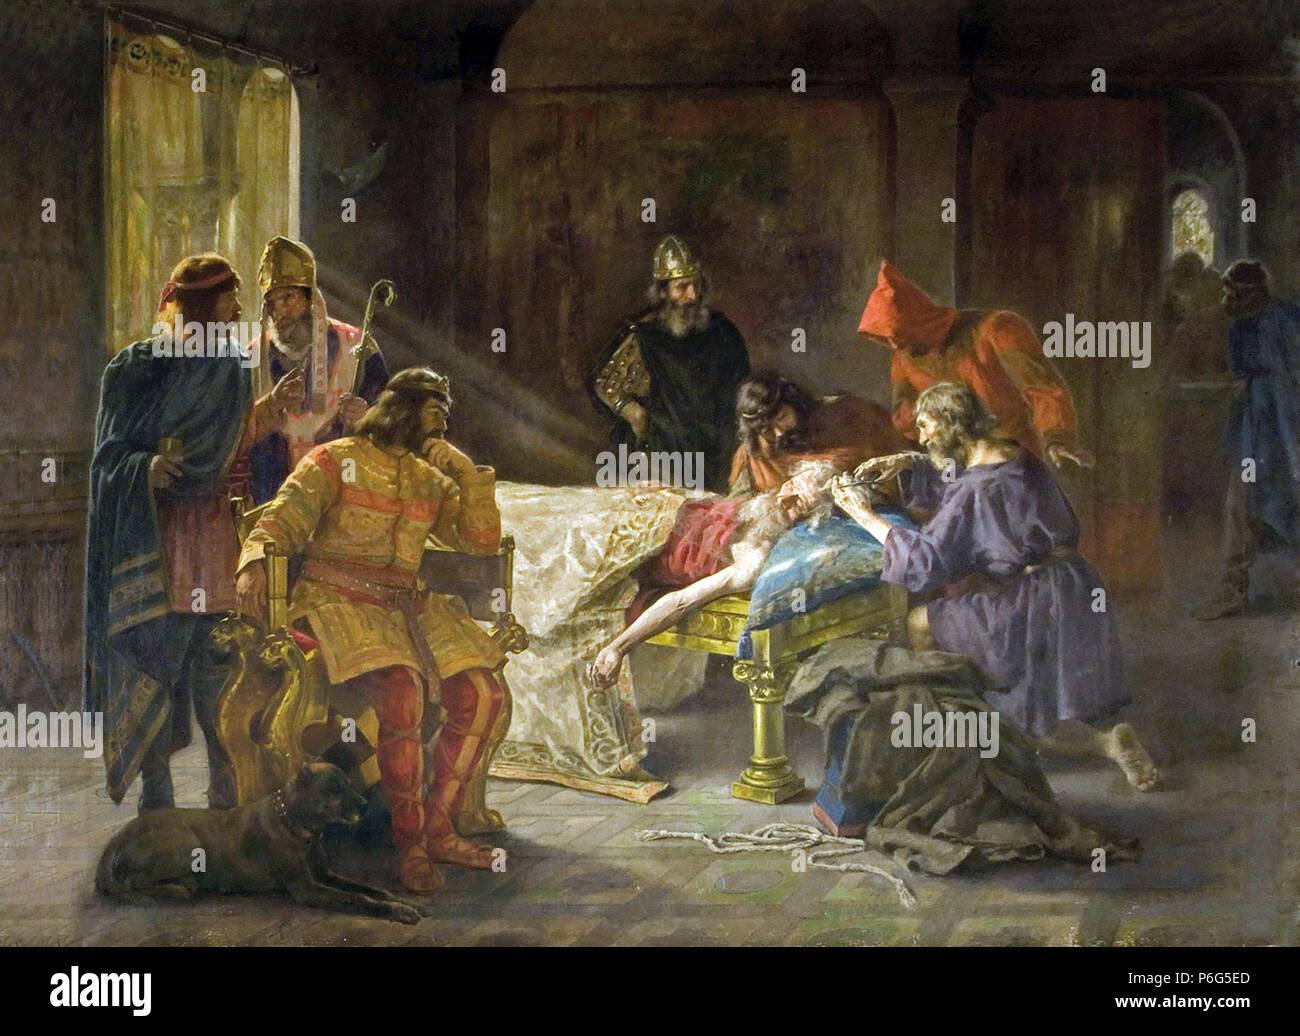 . Català: la tonsura del rei Wamba . Català: la tonsura del rei Wamba . (1894 c.) 66 la tonsura del rei Wamba - Joan Brull i Vinyoles (1863-1912) Foto de stock